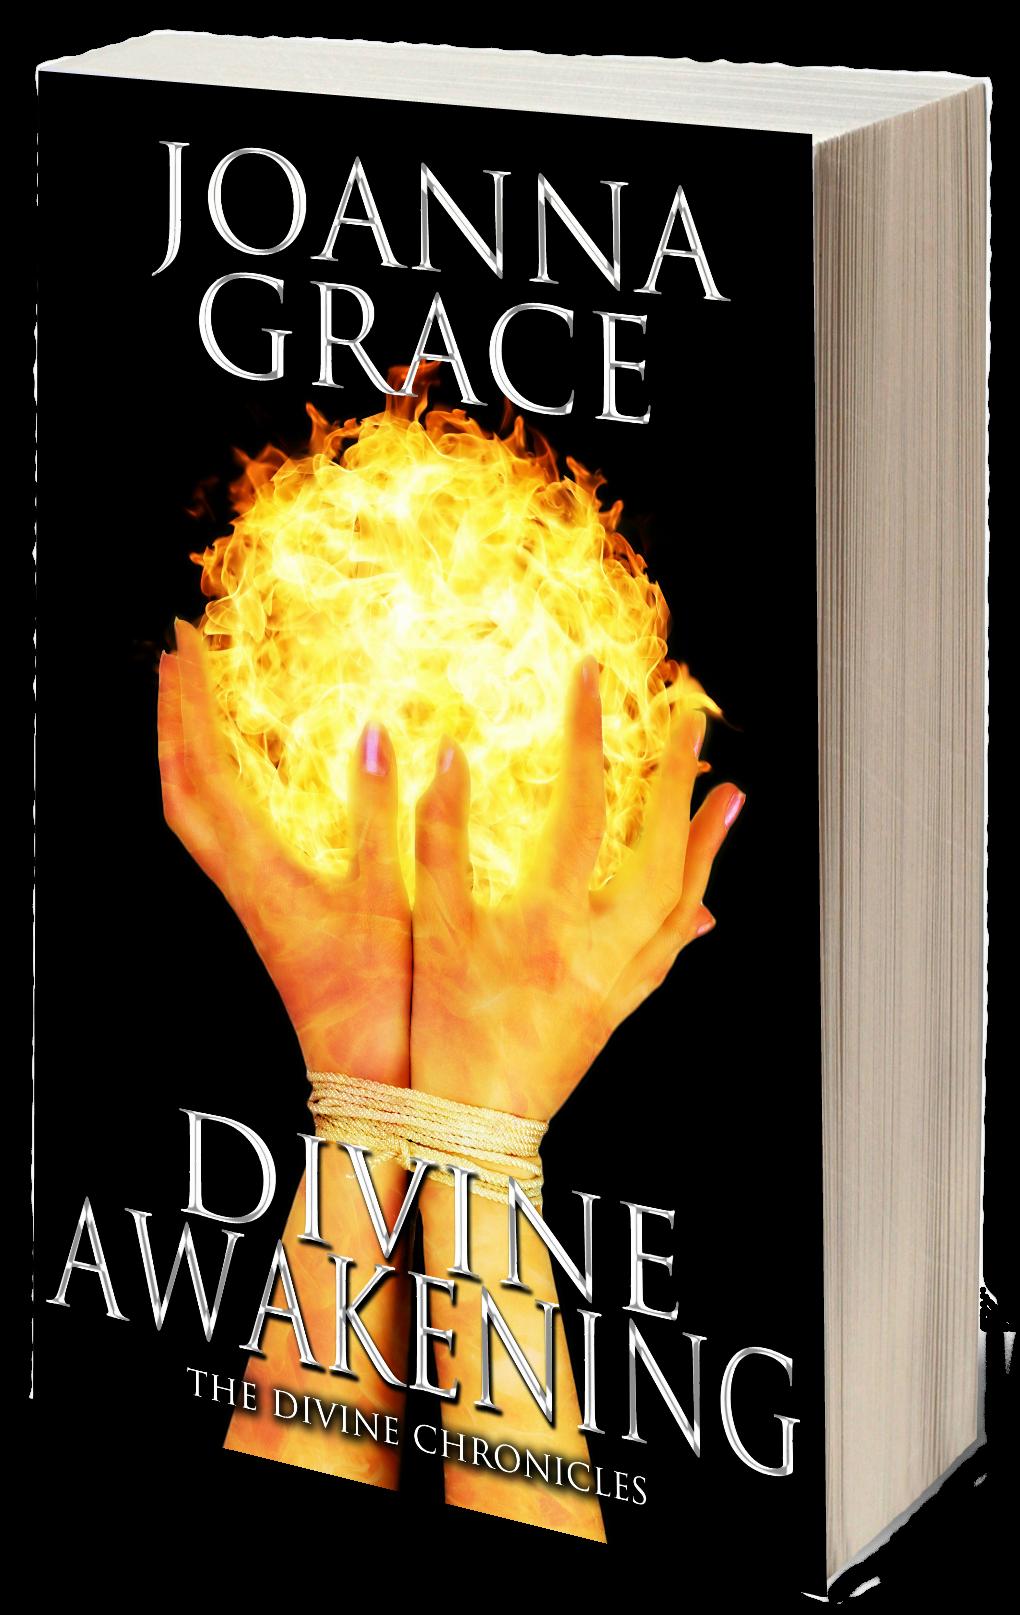 divine awakening